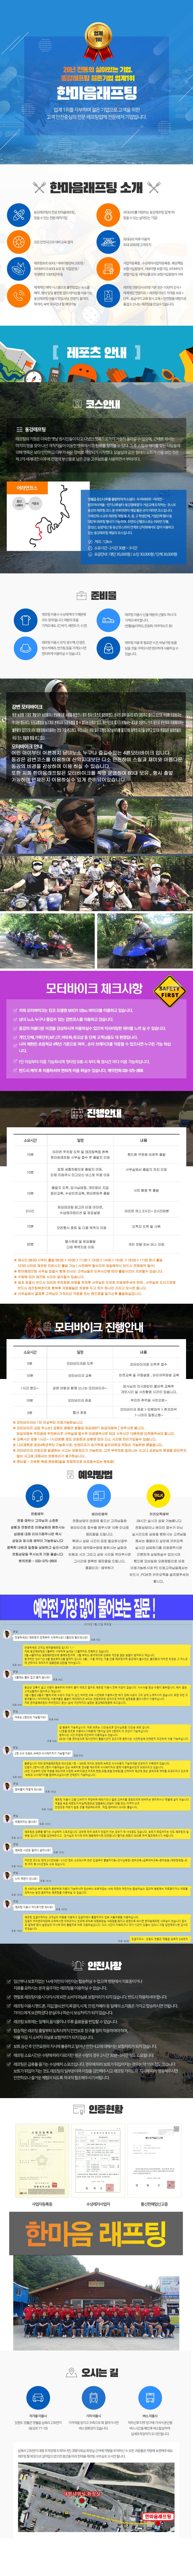 동강래프팅+모터바이크 최종완료.jpg